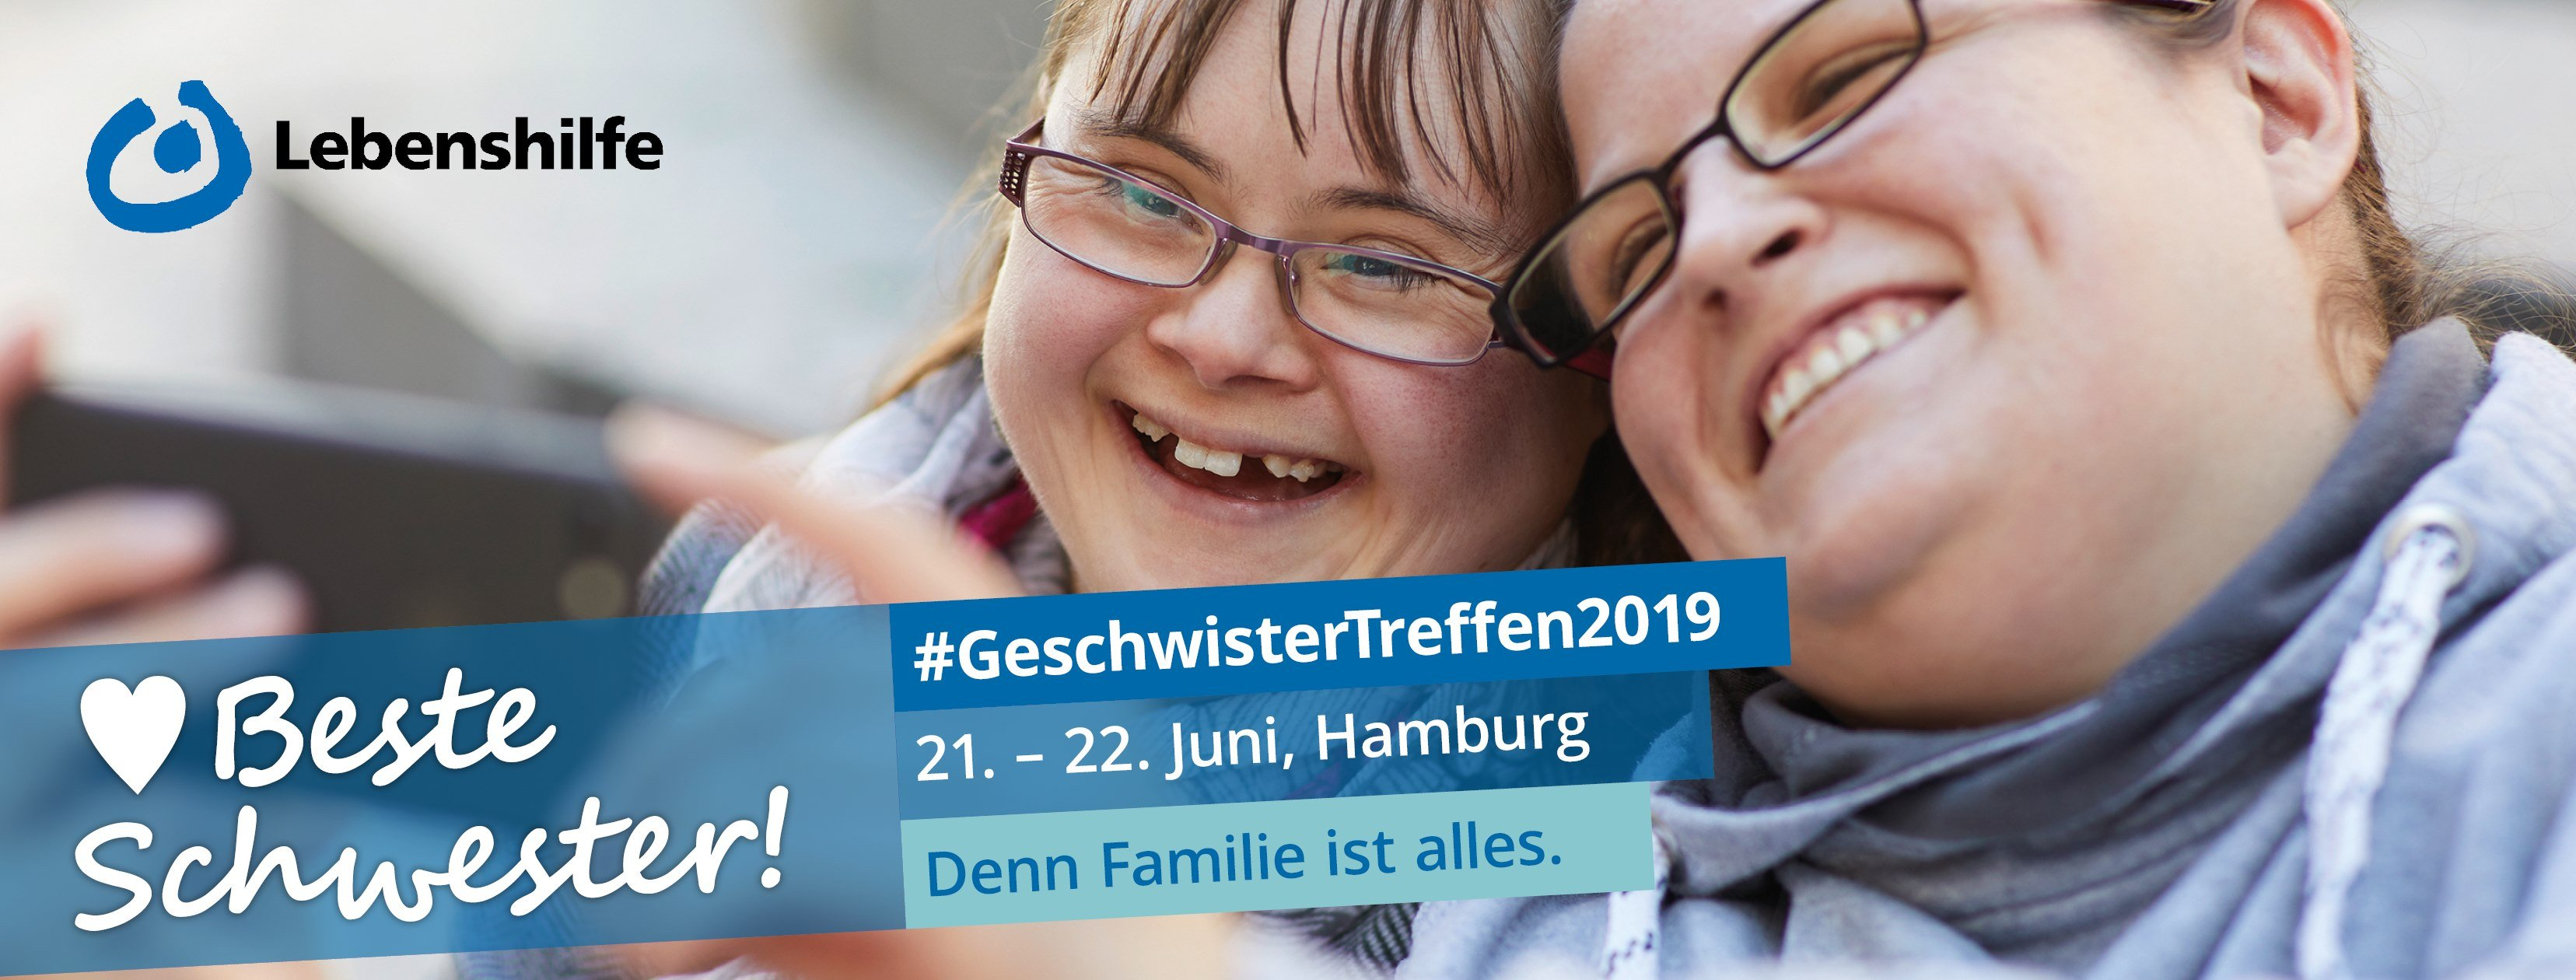 2 Frauen lachen zusammen, Text: Geschwistertreffen2019, 21.-22. Juni in Hamburg